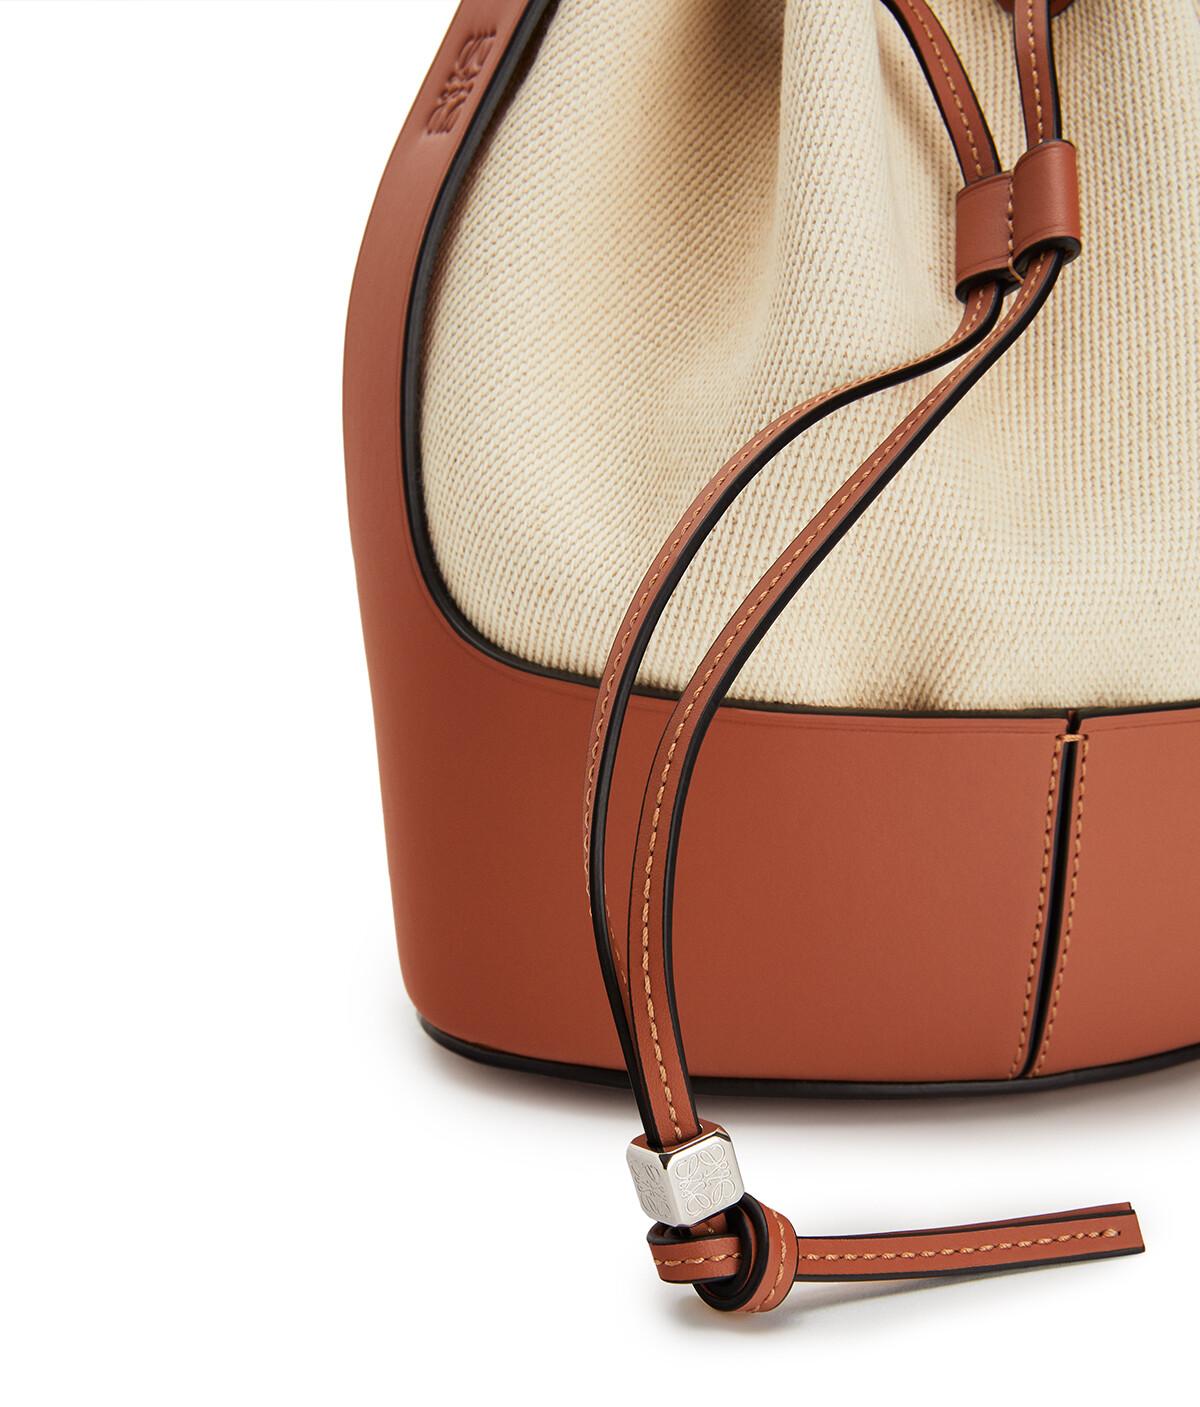 LOEWE Balloon Small Bag Ecru/Tan front